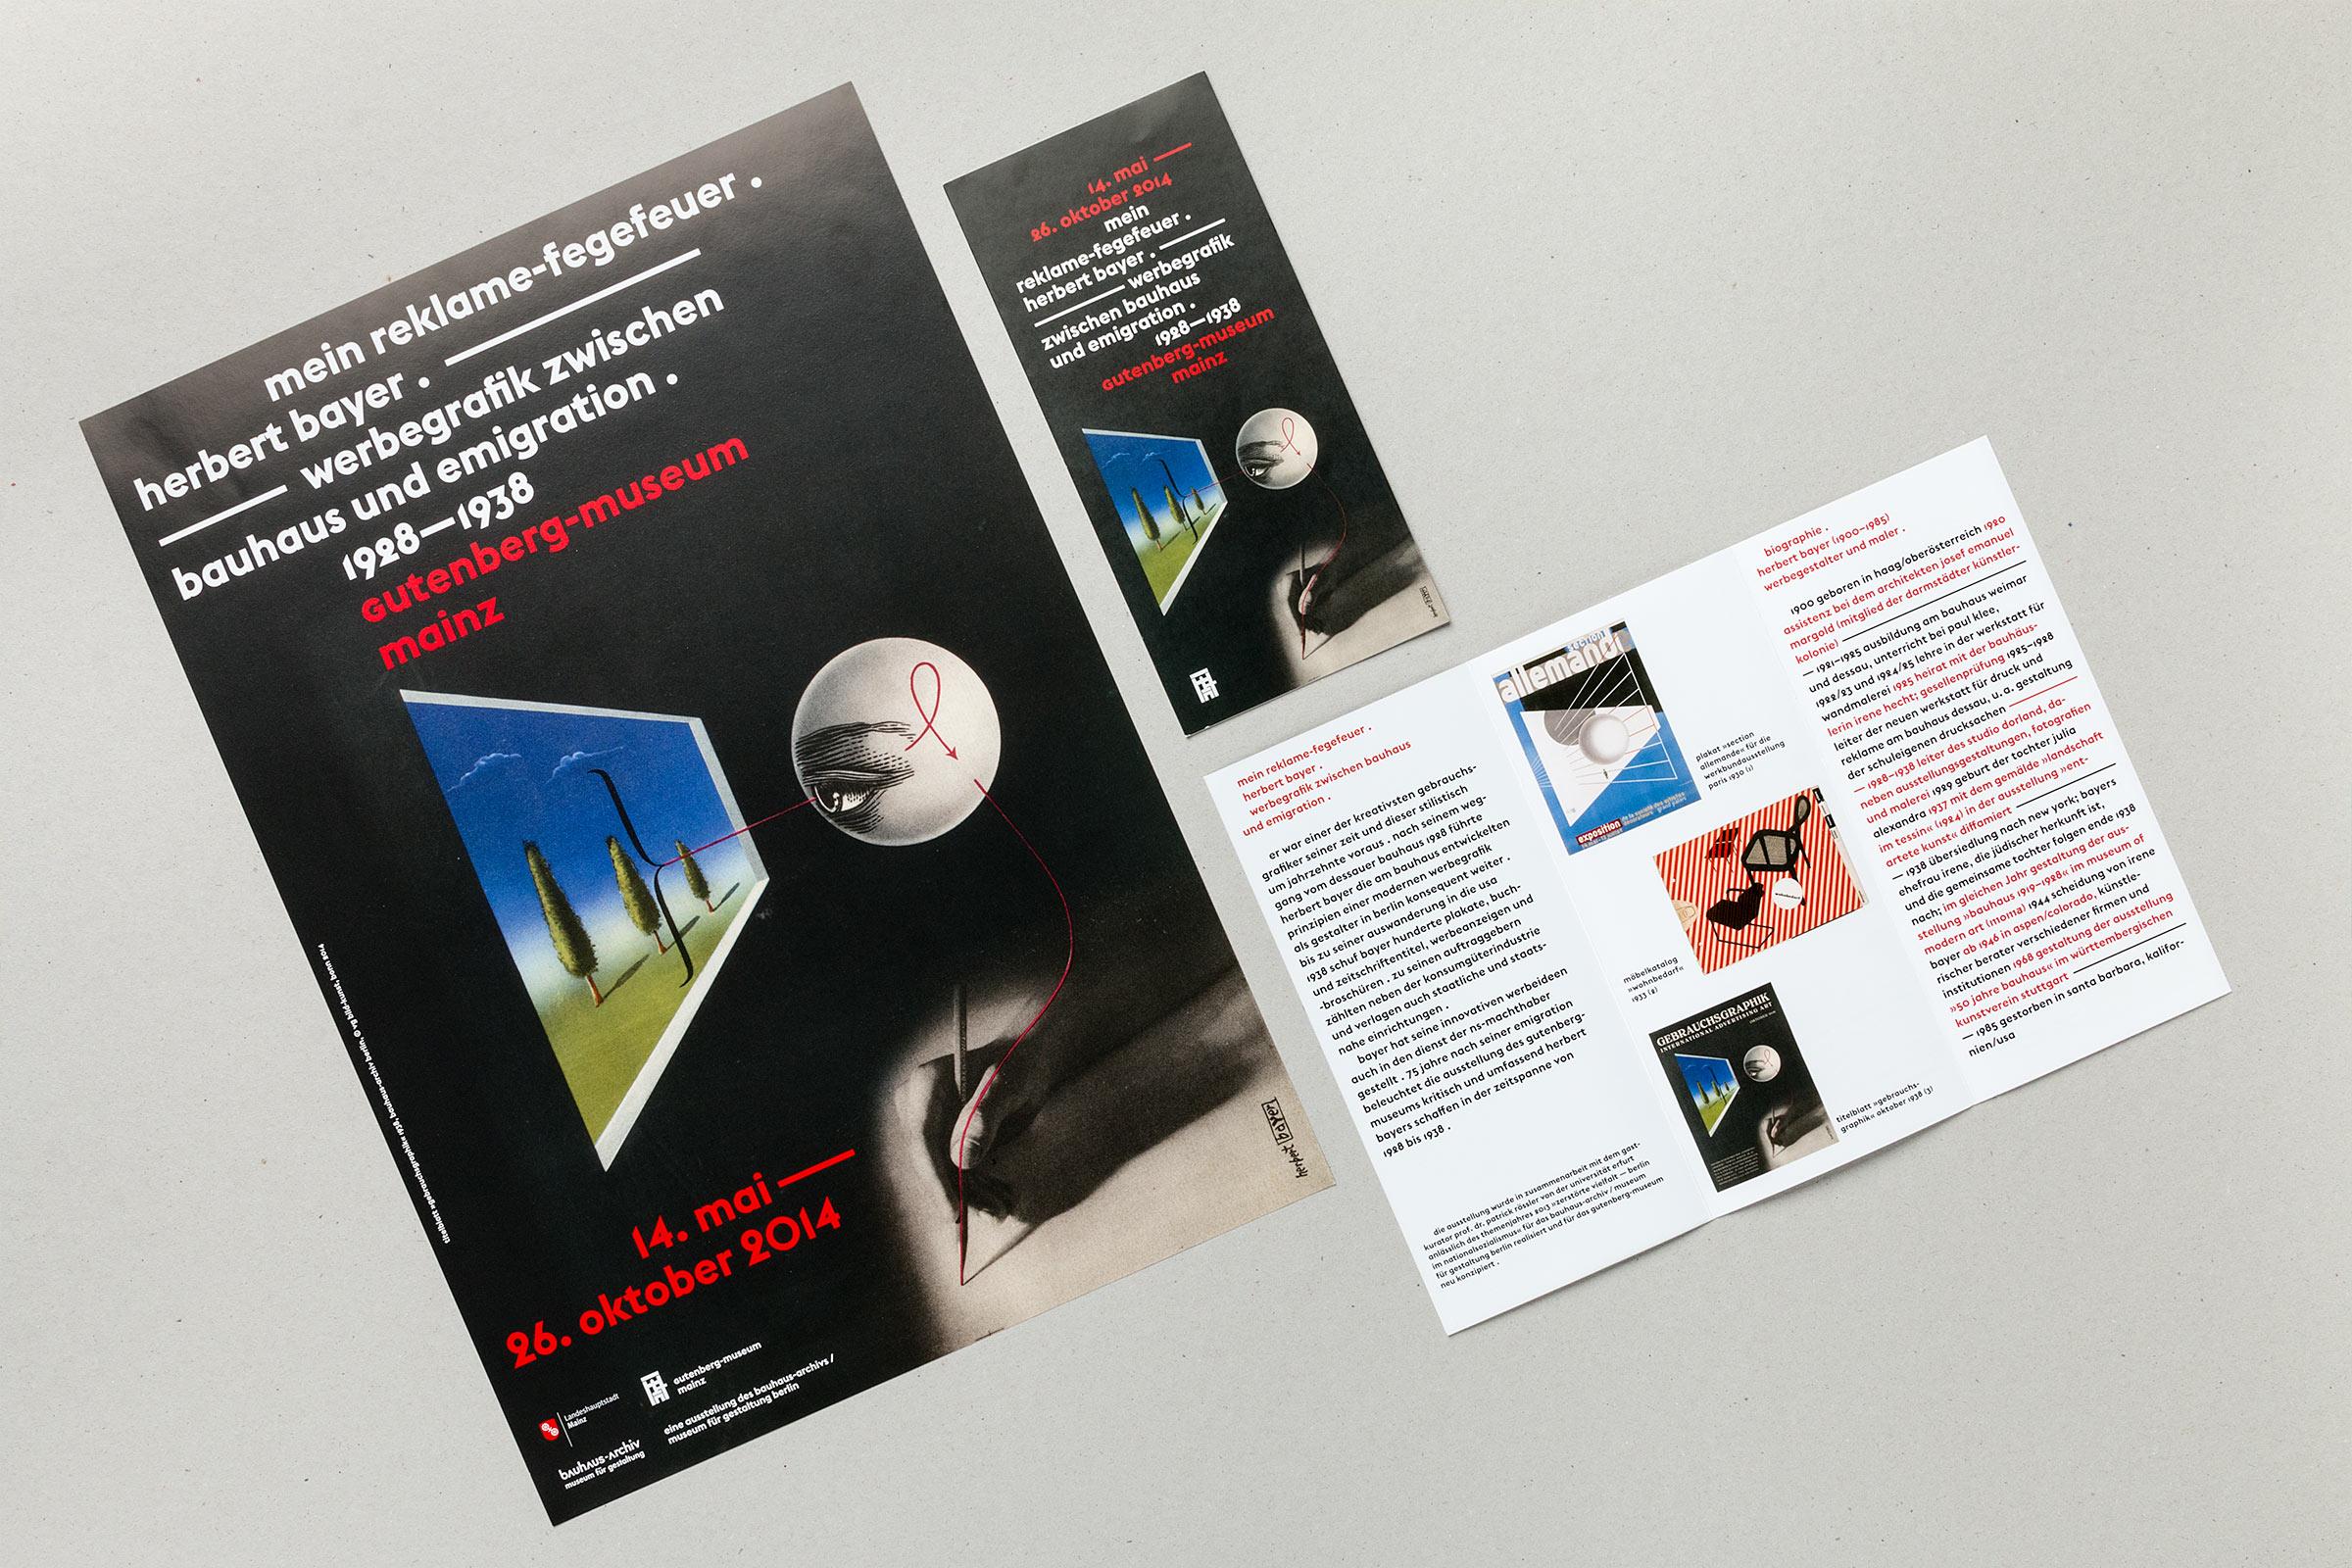 Plakat und Flyer auf Basis einer Titelseite des Magazins Gebrauchsgraphik zur Herbert Bayer-Ausstellung im Gutenberg-Museum Mainz. Das Museum der Zukunft © Christian Weber – Büro für Gestaltung und Kommunikation